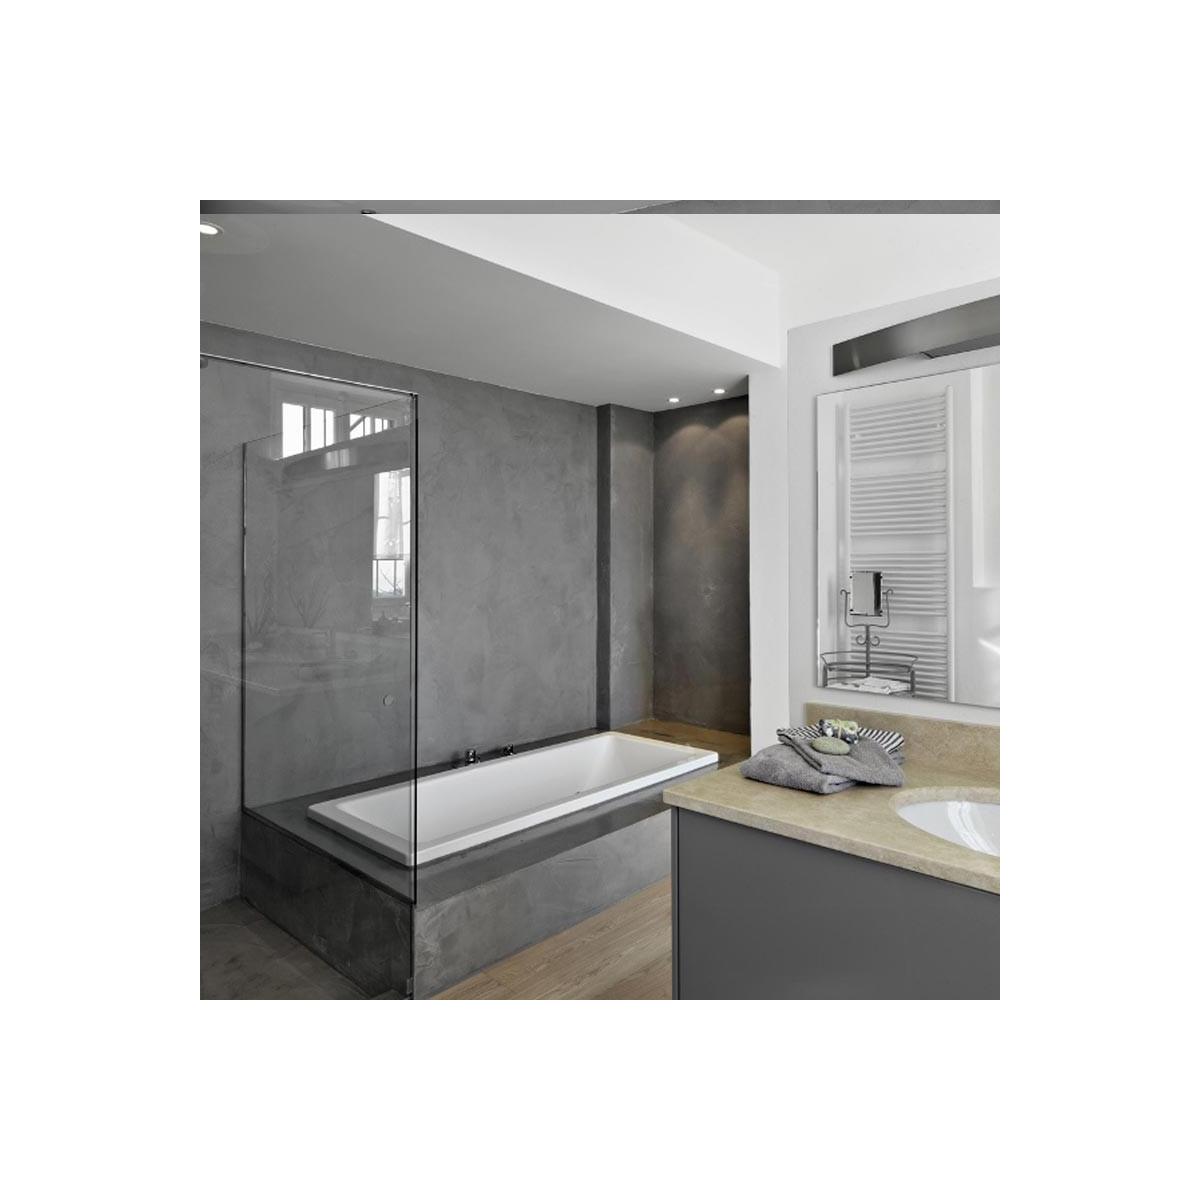 B ton cir salle de bain douche italienne enduit d coratif - Panneau douche italienne ...